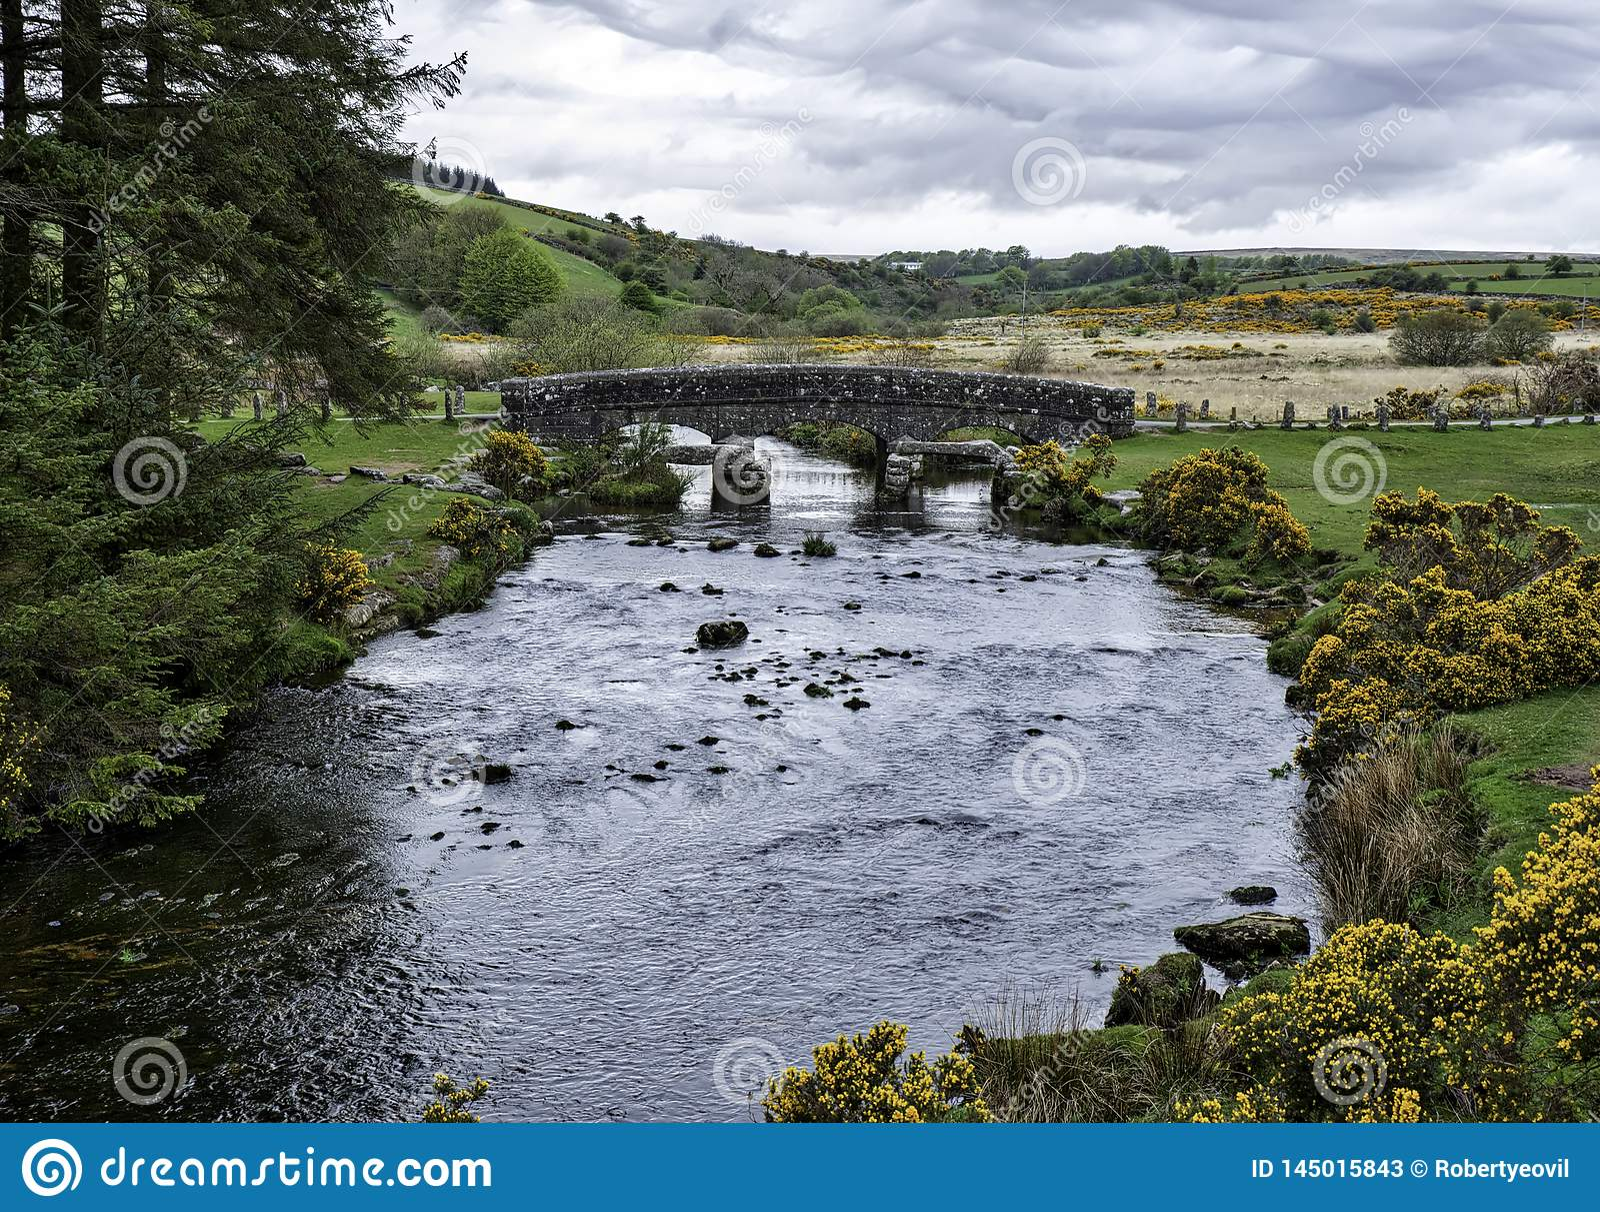 Γέφυρα πέρα από τον ποταμό ανατολικών βελών στο εθνικό πάρκο Dartmoor στη